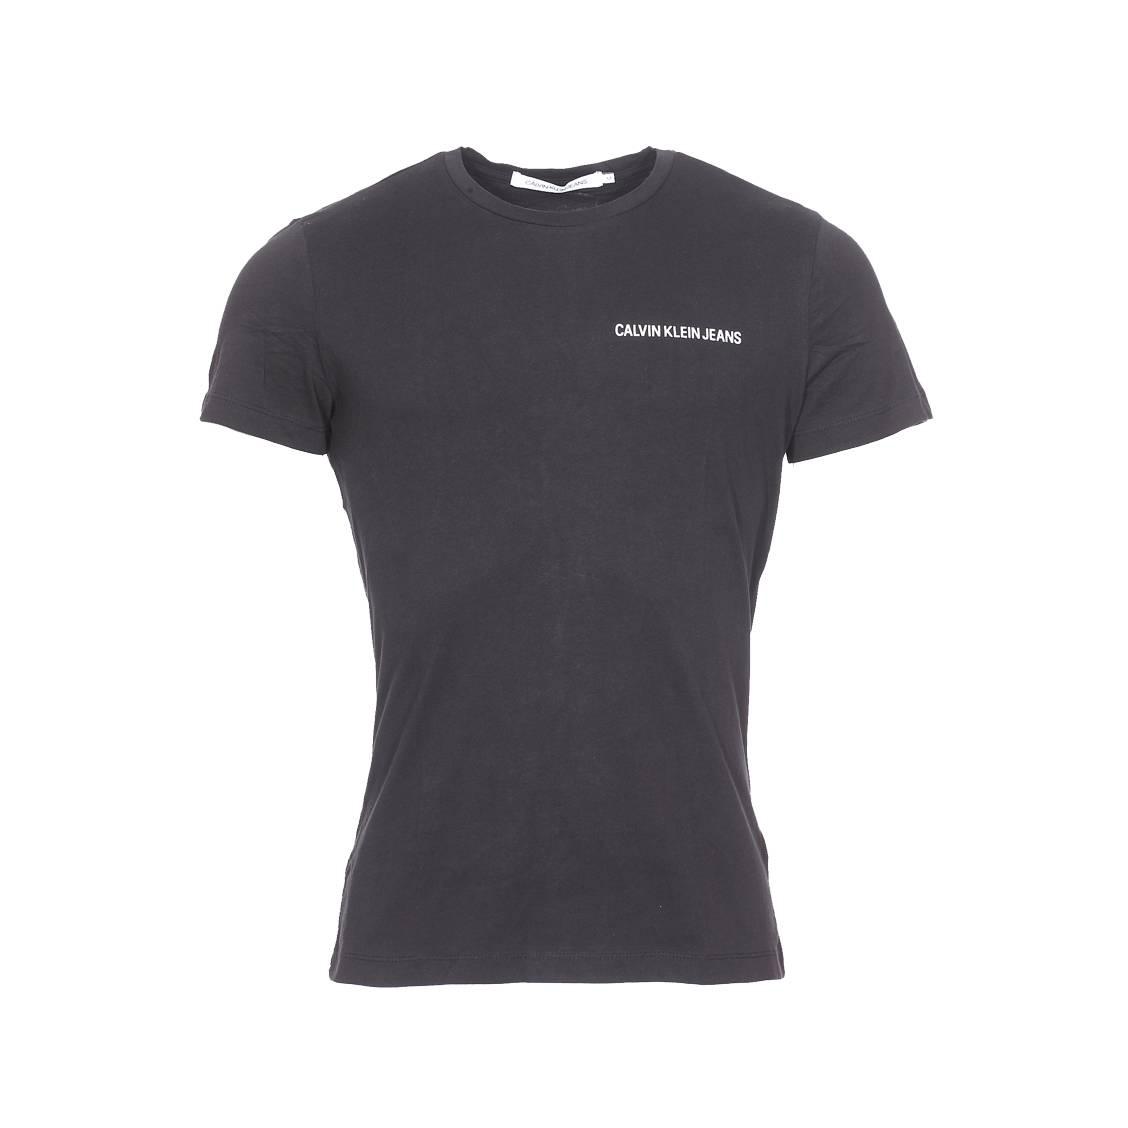 Tee-shirt slim col rond  chest institutional en coton noir floqué en blanc